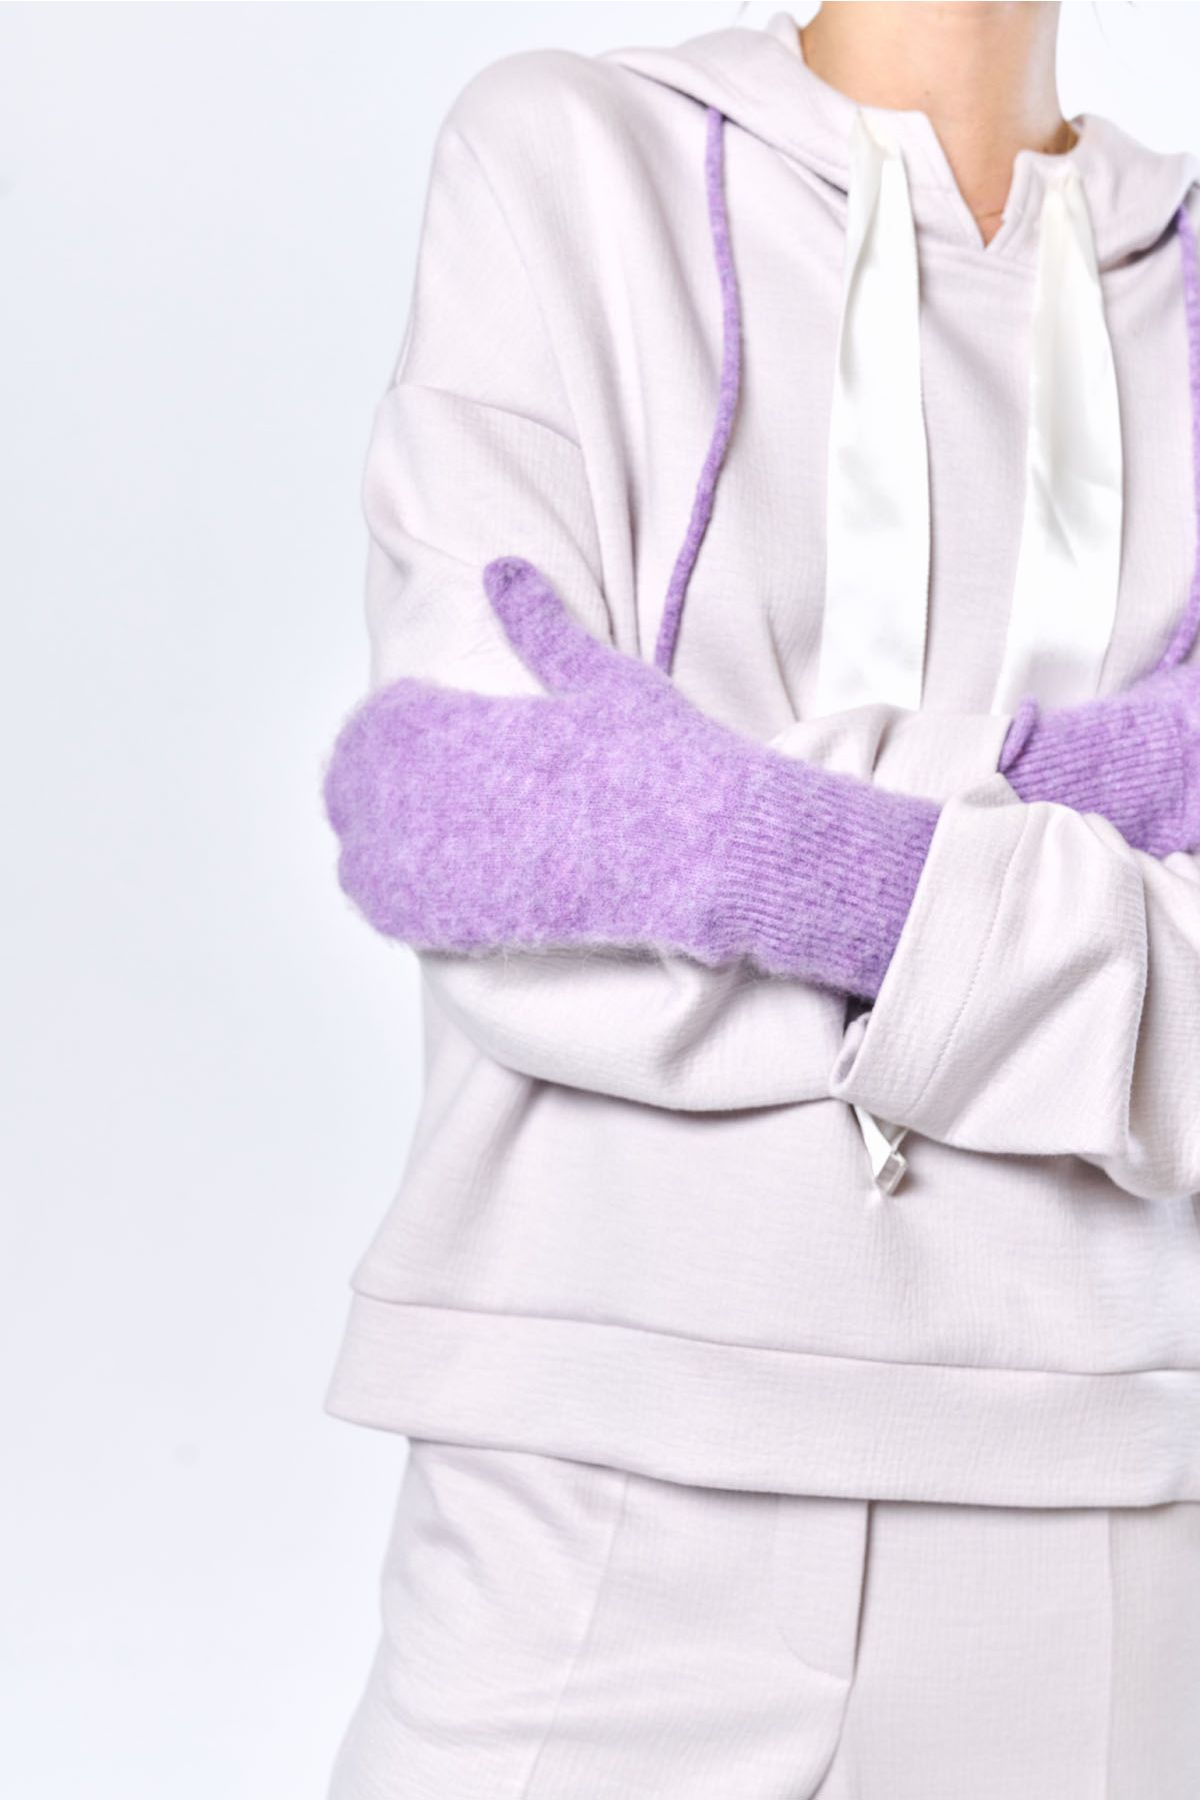 gloves Webb